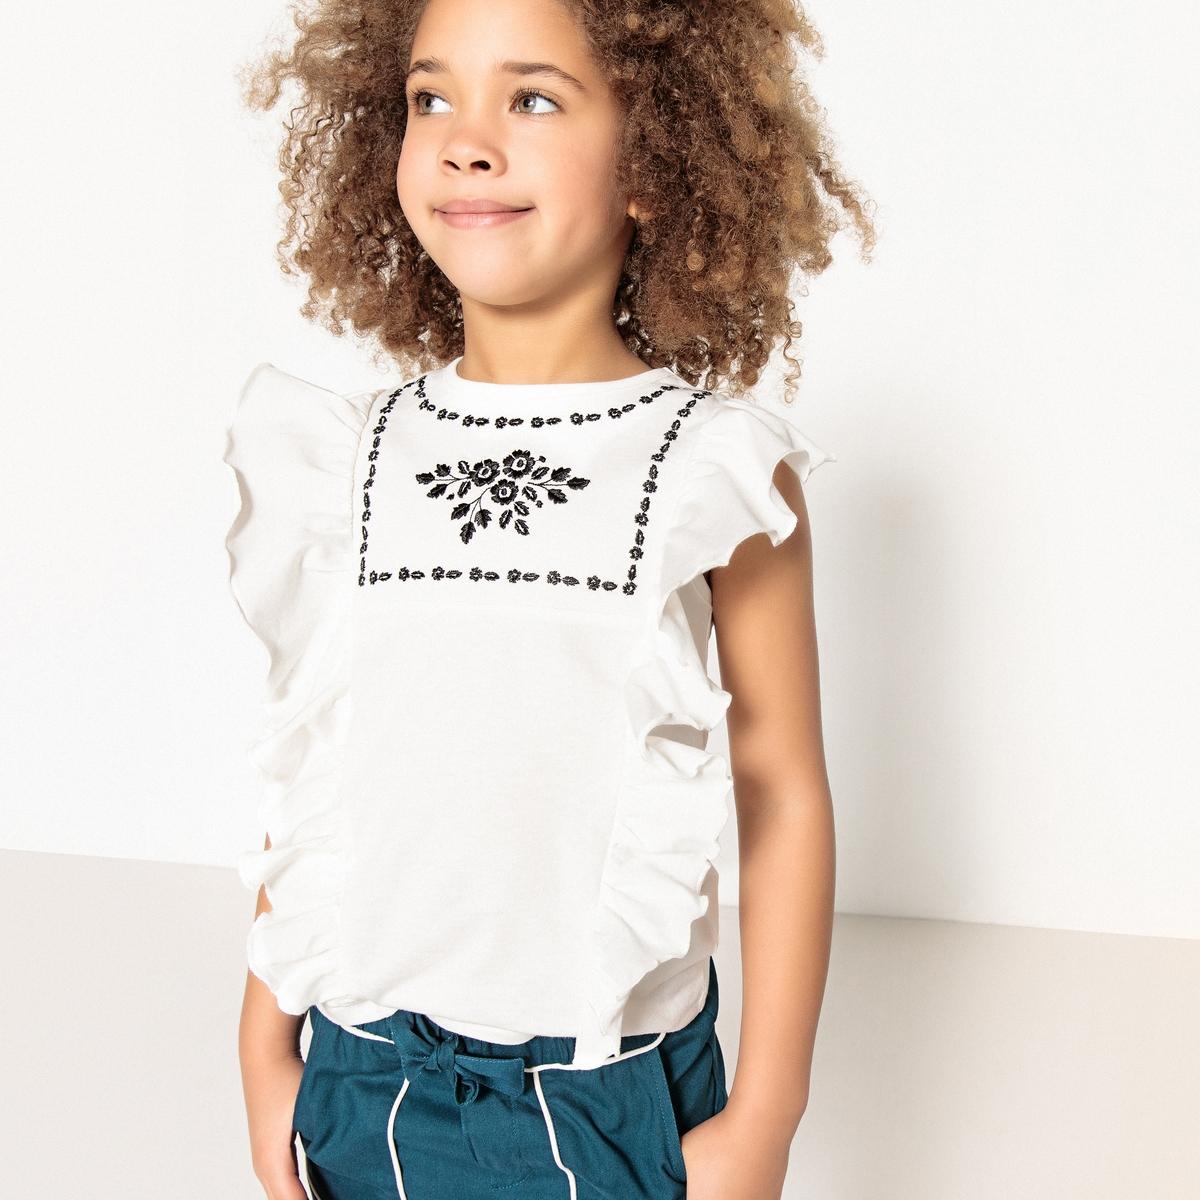 Футболка с вышивкой и воланами, 3-12 лет футболка с вышивкой и воланами 3 12 лет